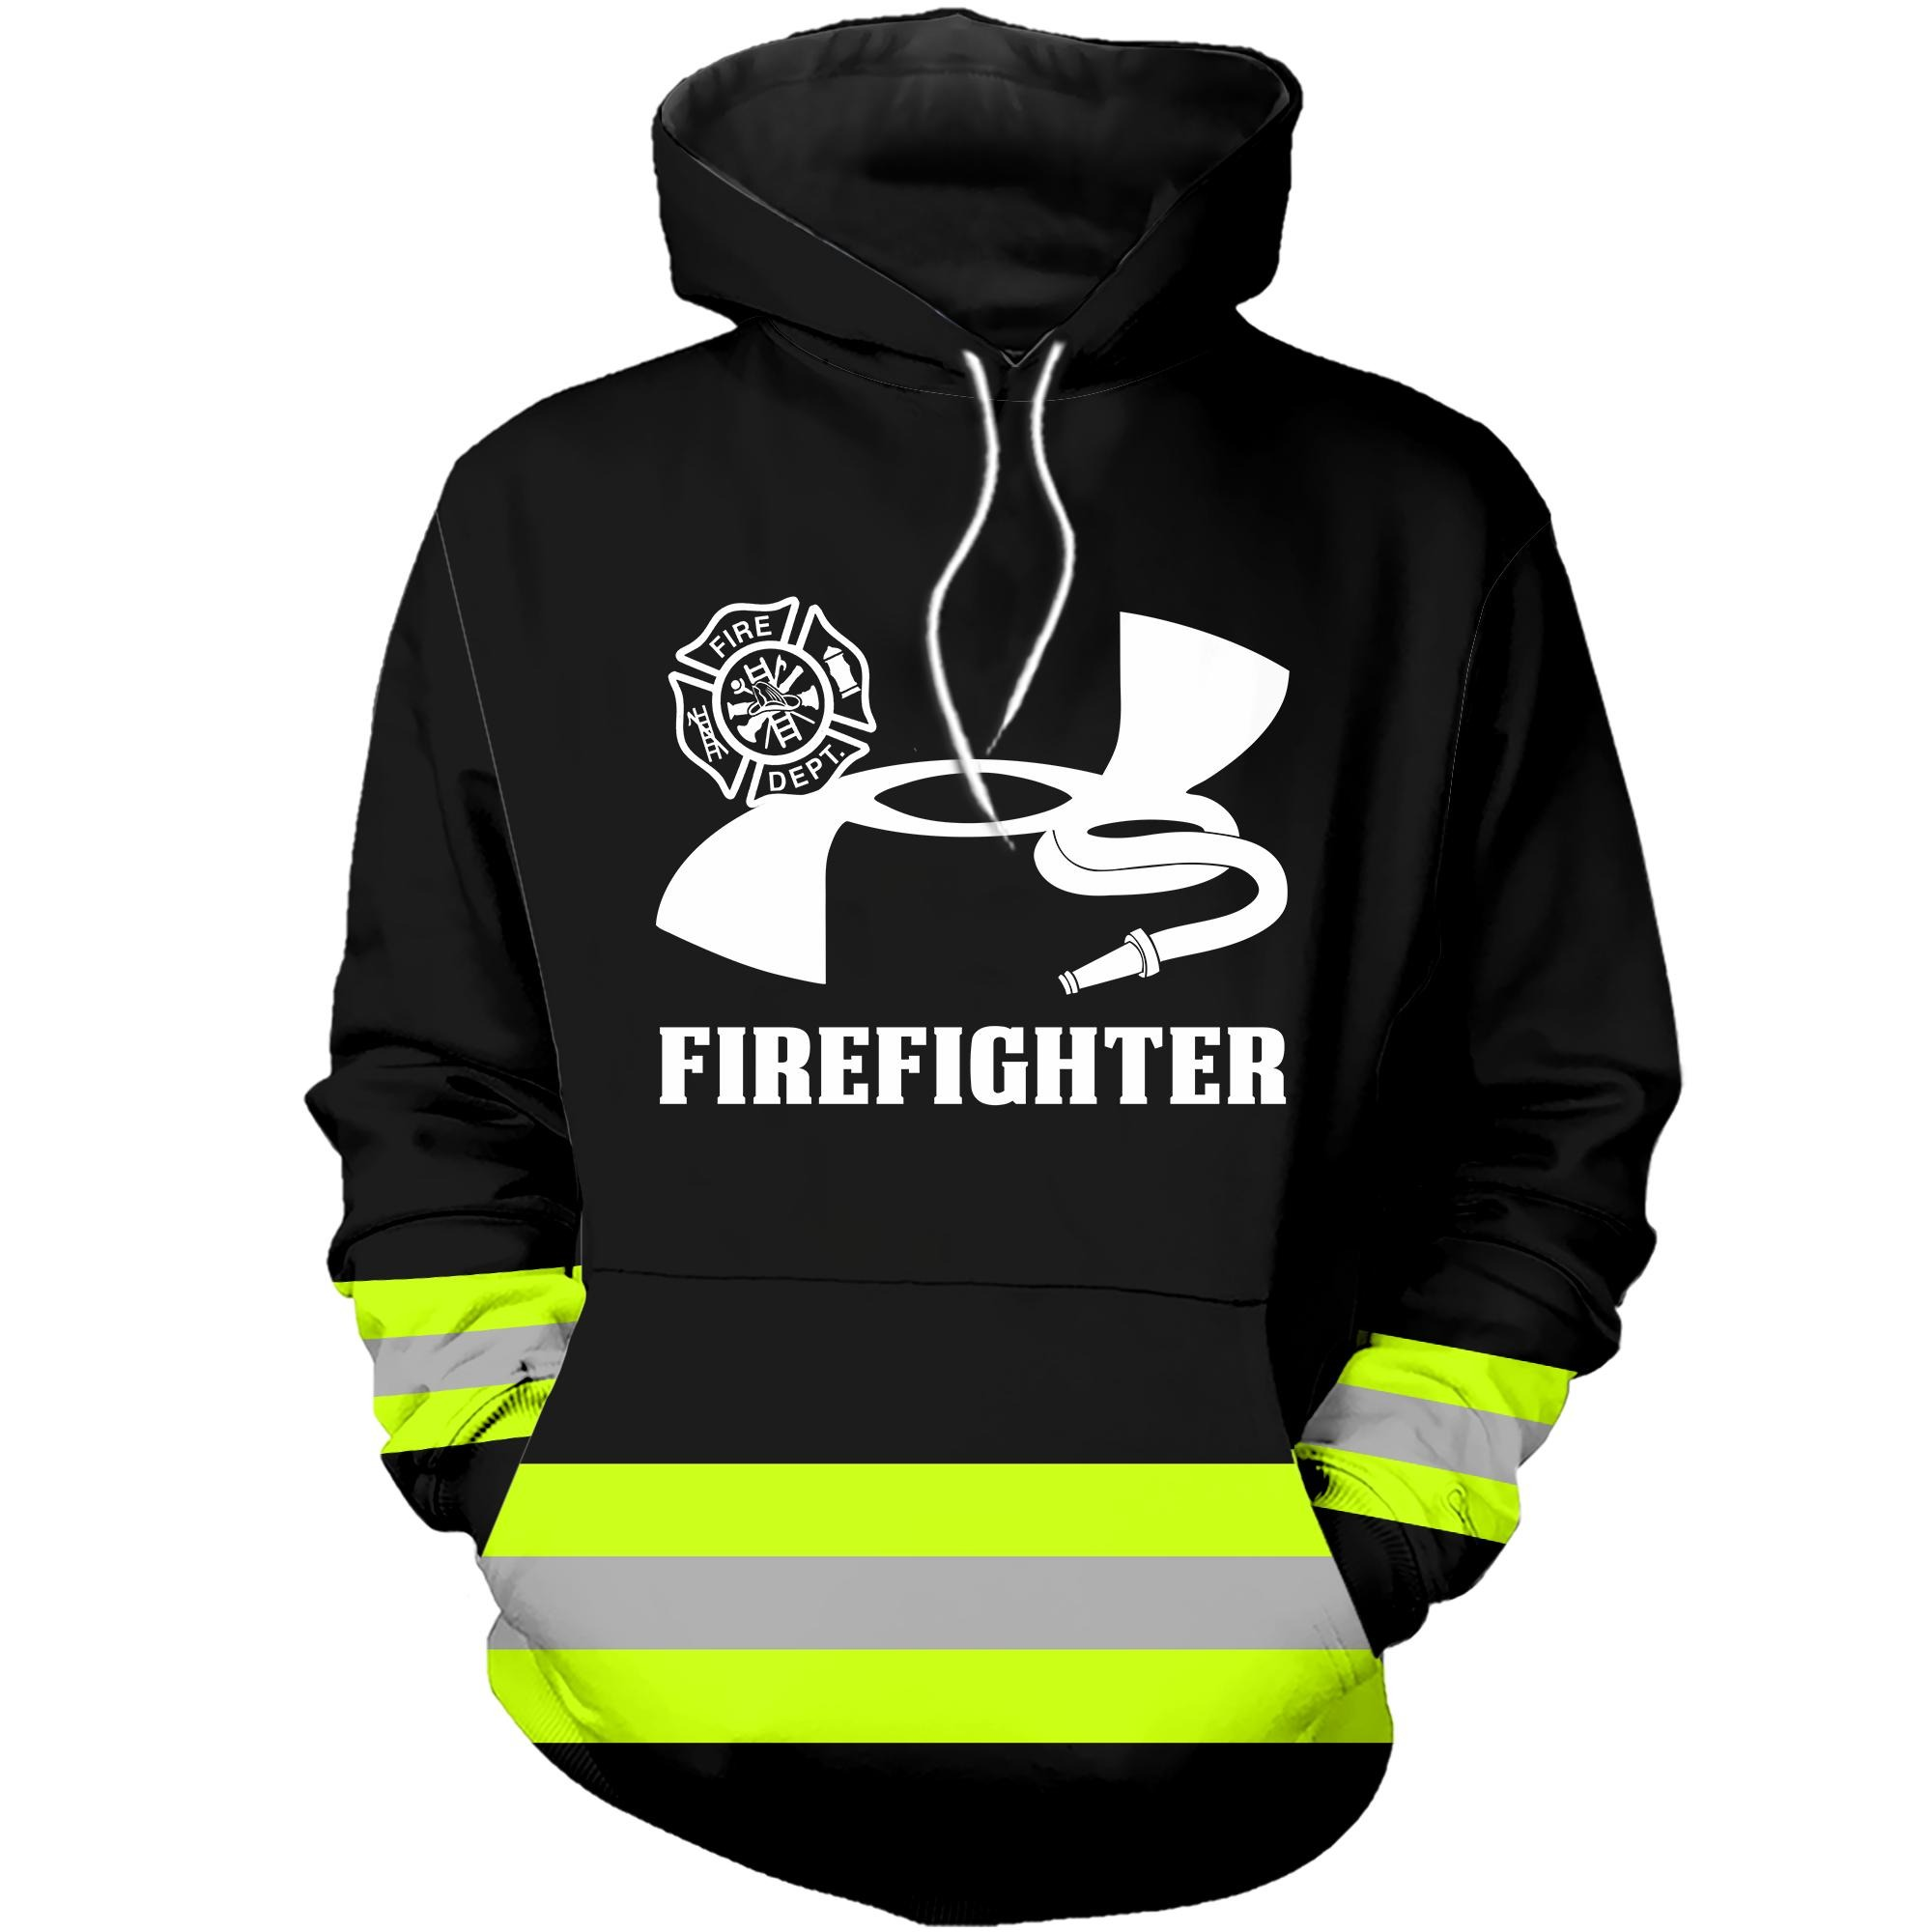 Under armour firefighter 3D green hoodie